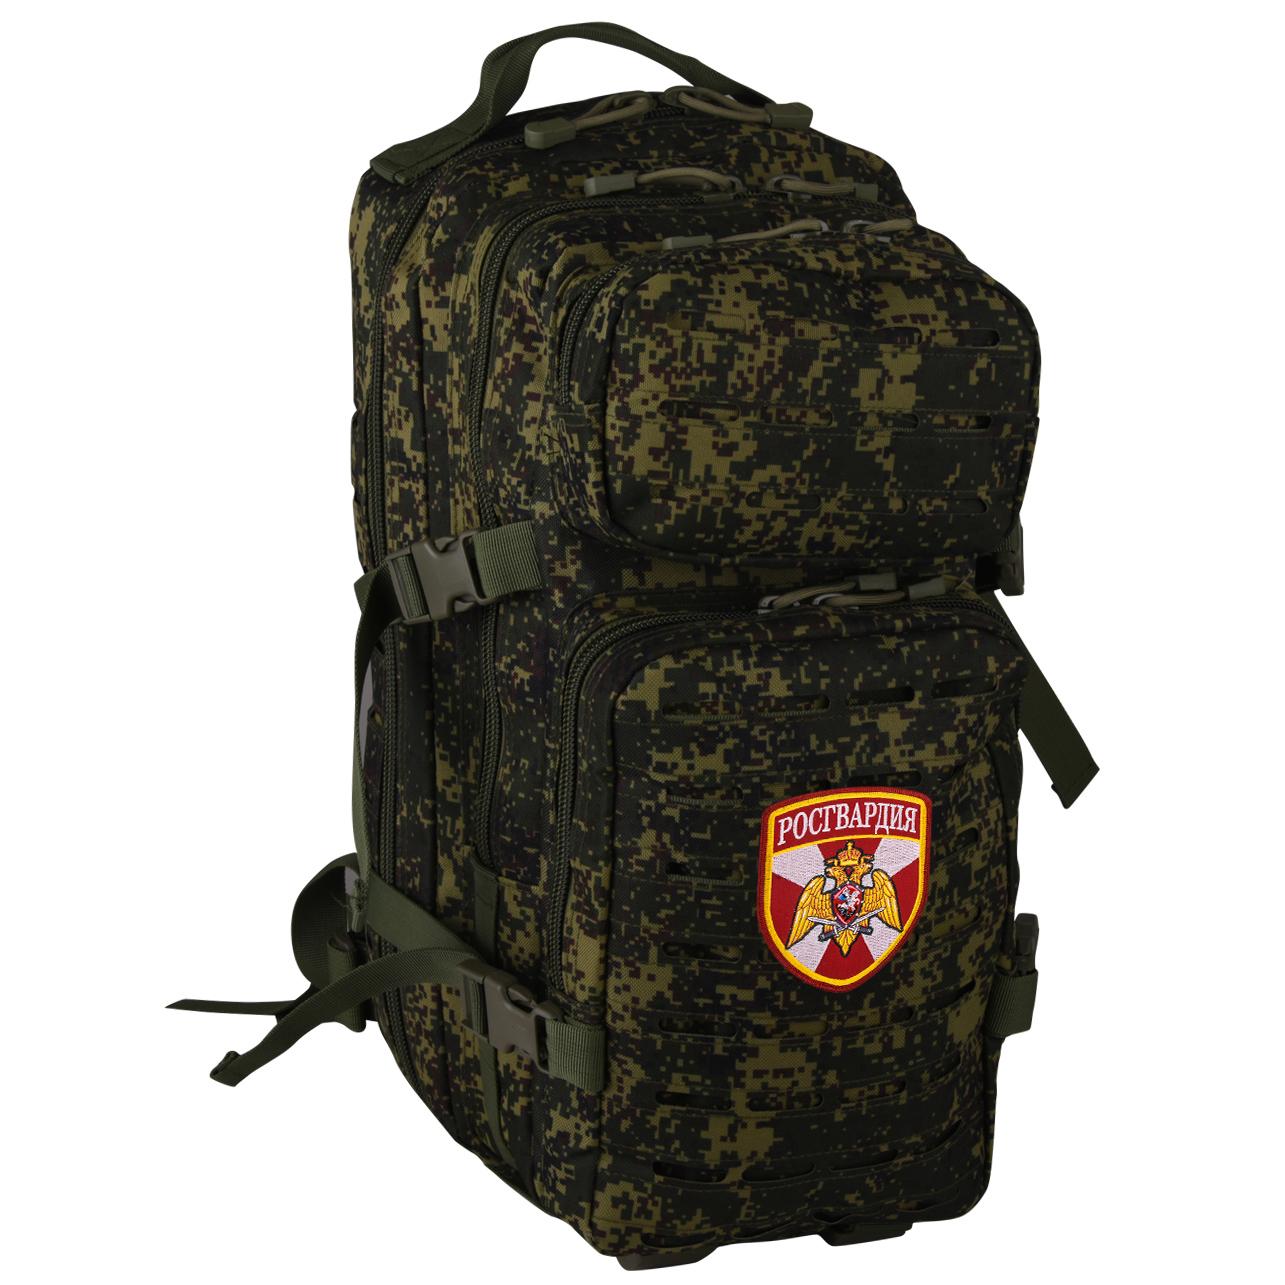 Практичный тактический рюкзак с нашивкой Росгвардия - заказать оптом